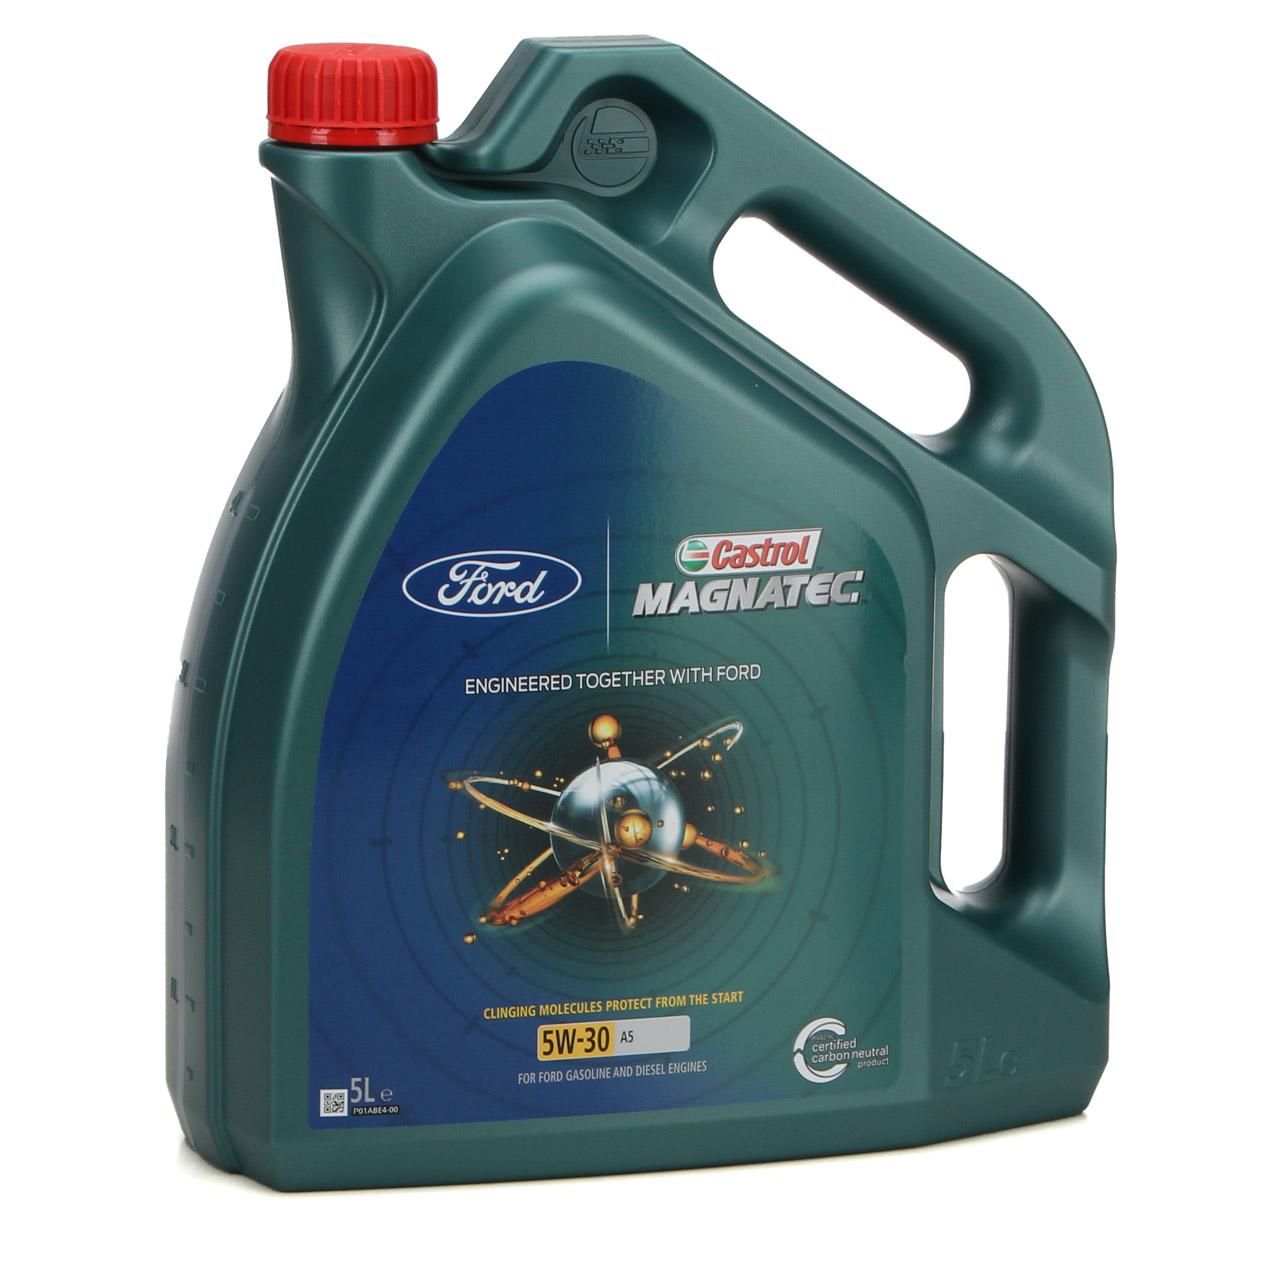 ORIGINAL Ford CASTROL Motoröl Öl MAGNATEC A5 5W30 5W-30 5L 5 Liter 15534F